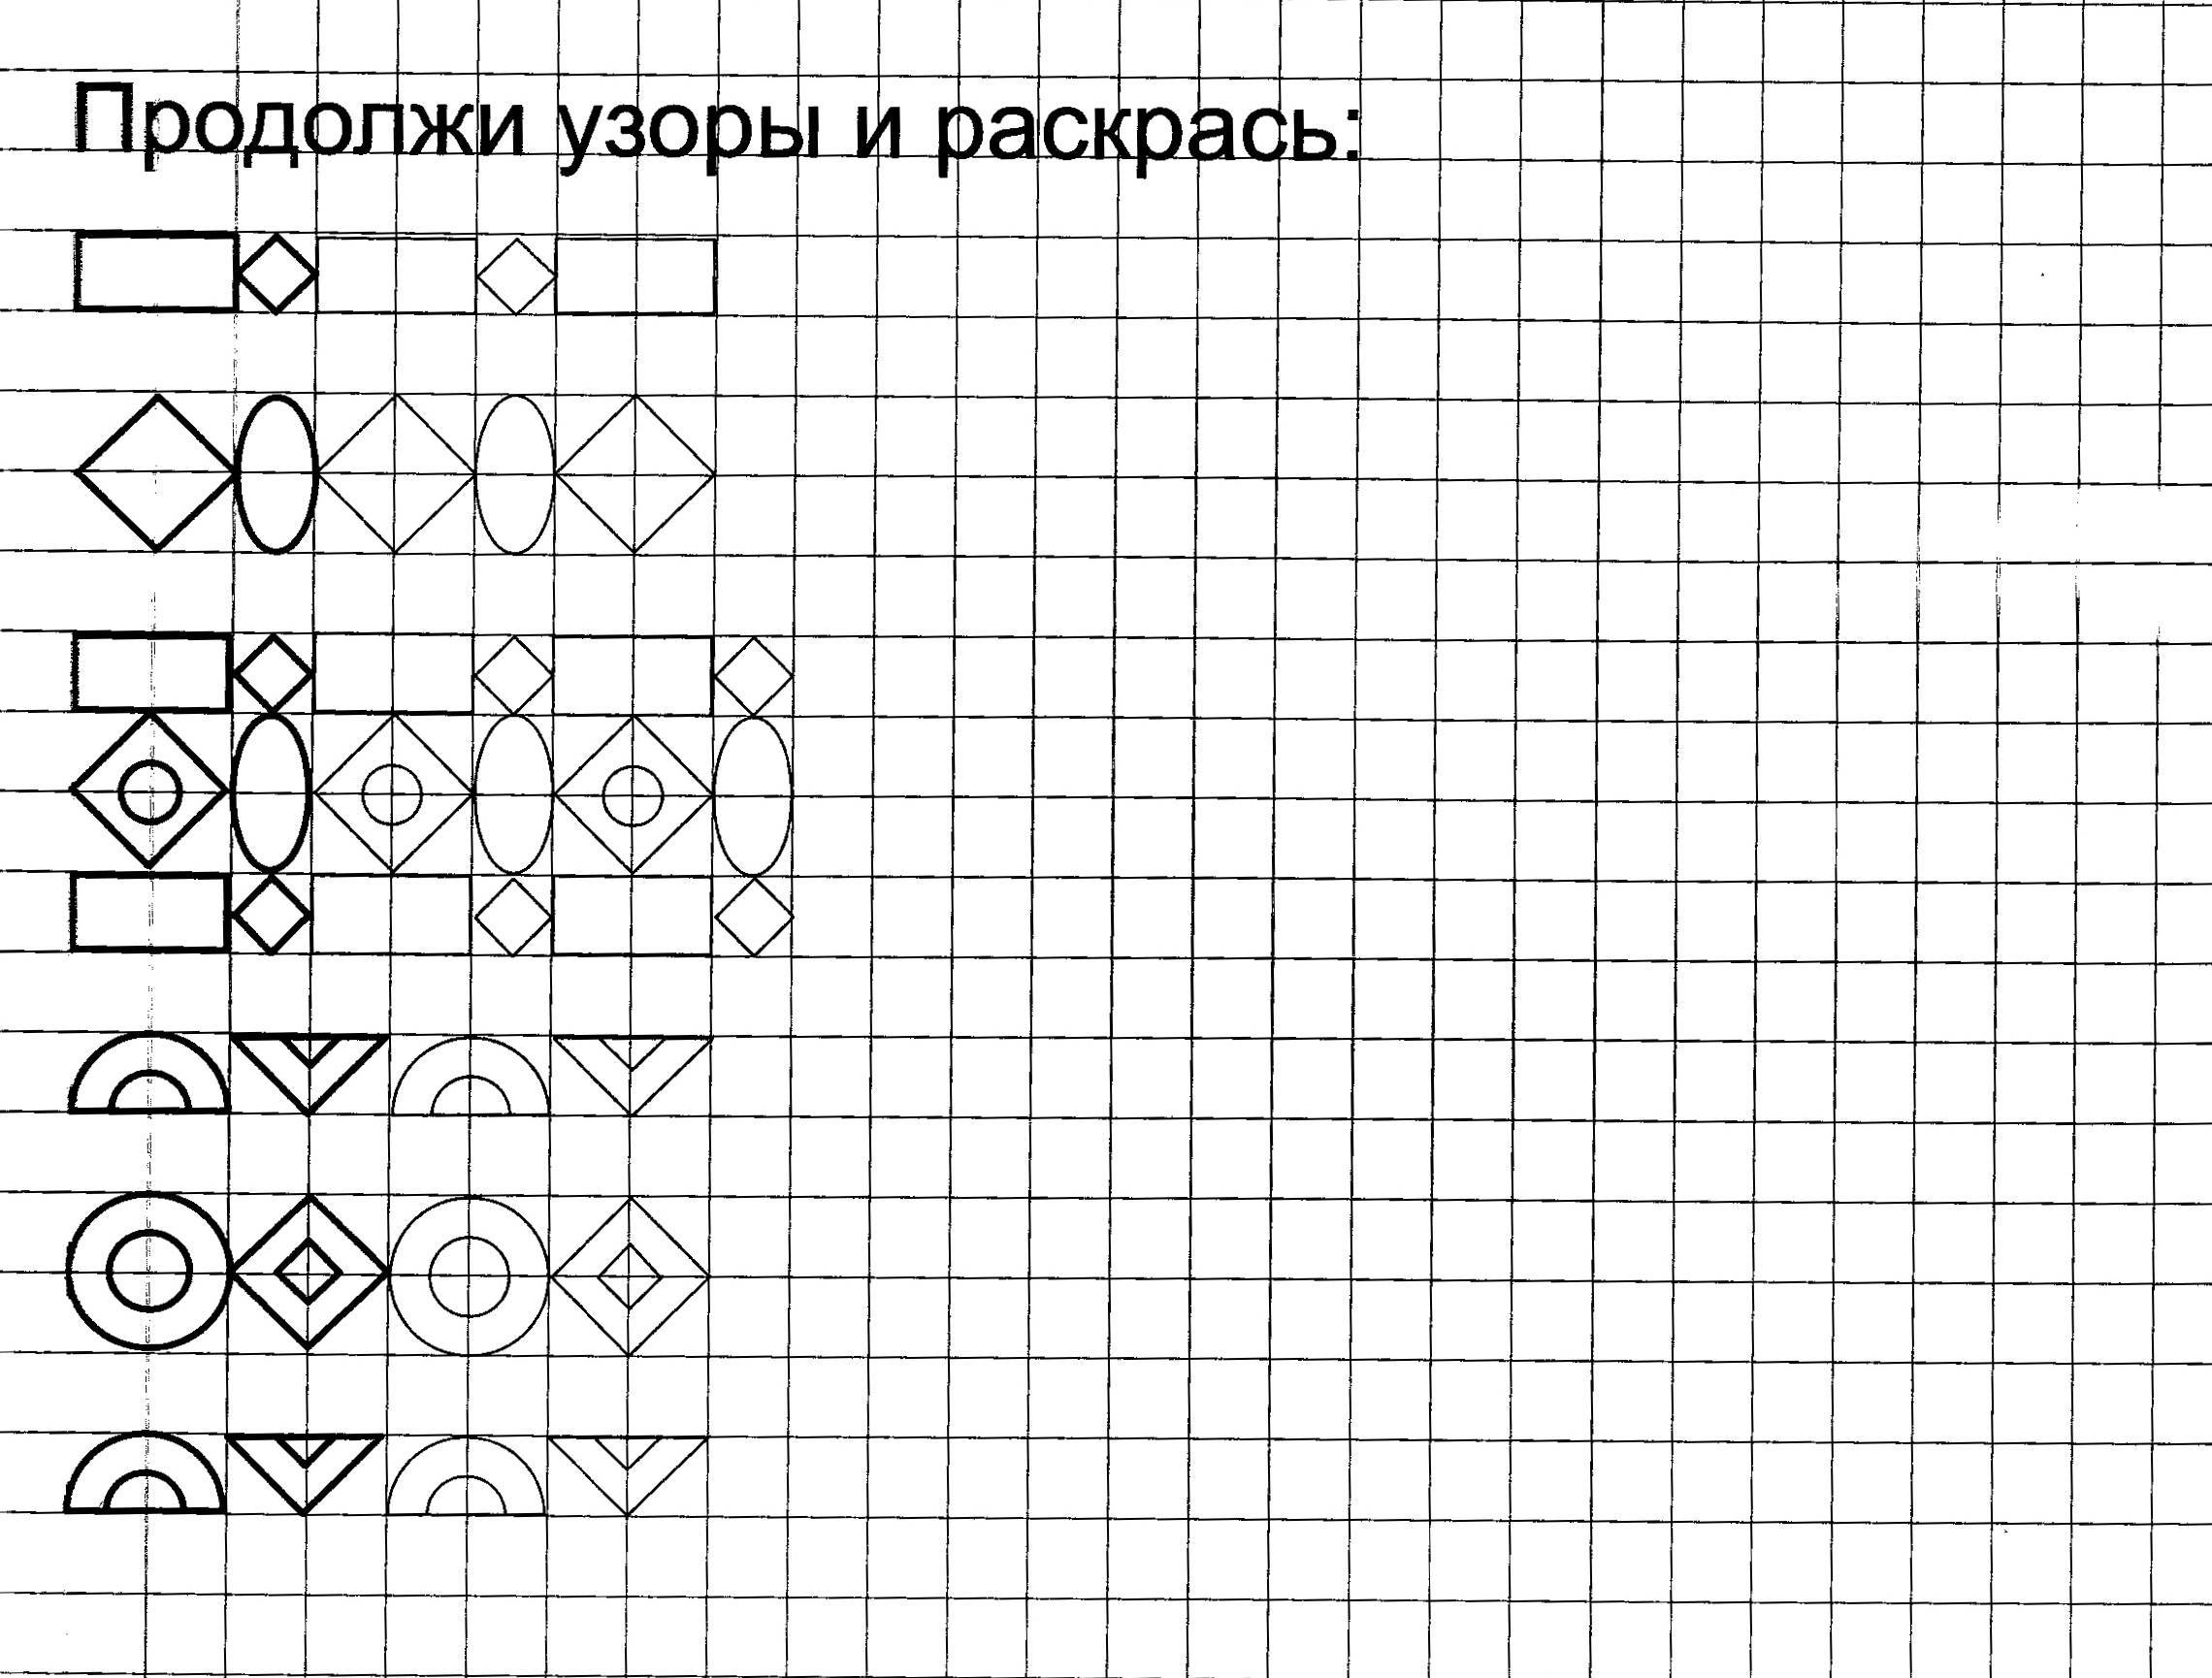 http://jirafenok.ru/wp-content/uploads/2013/05/propis-uzoryi-5.jpg